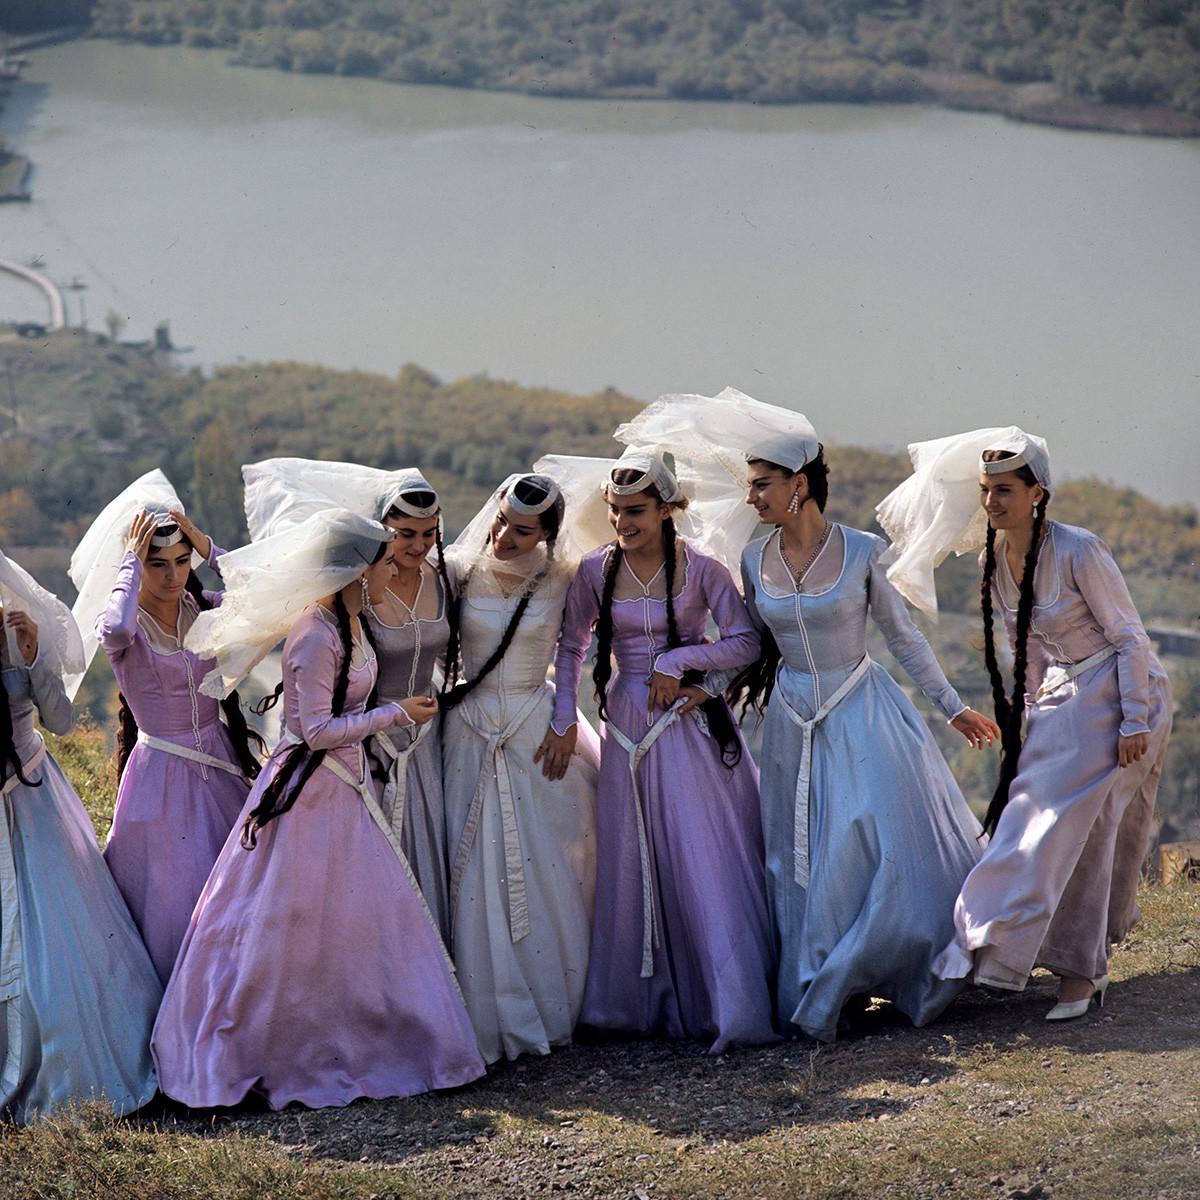 グルジア・ソビエト社会主義共和国の舞踊団体